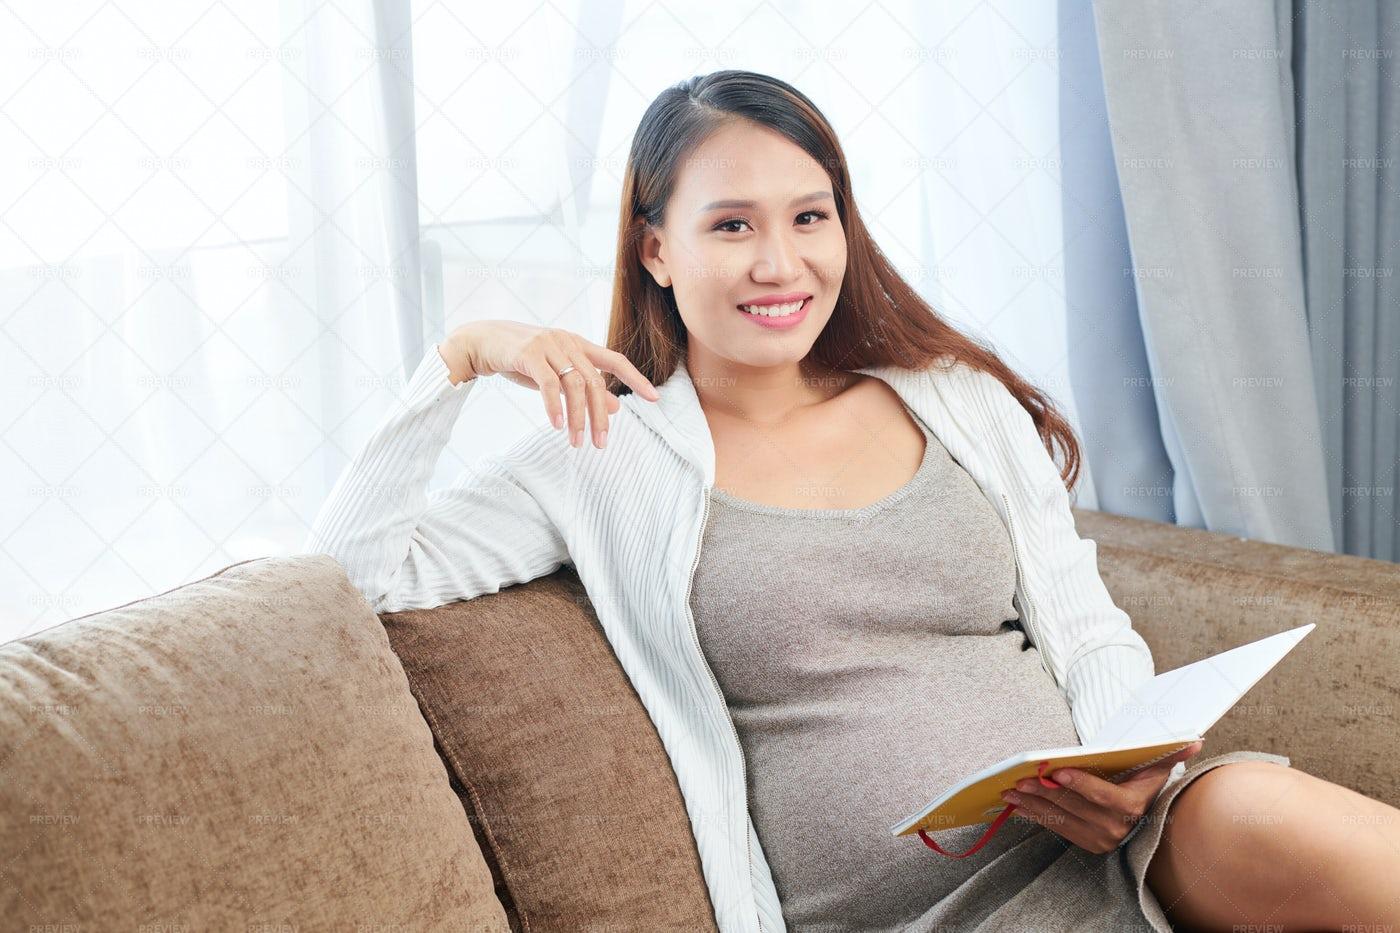 Pregnant Woman Checking Gratitude: Stock Photos